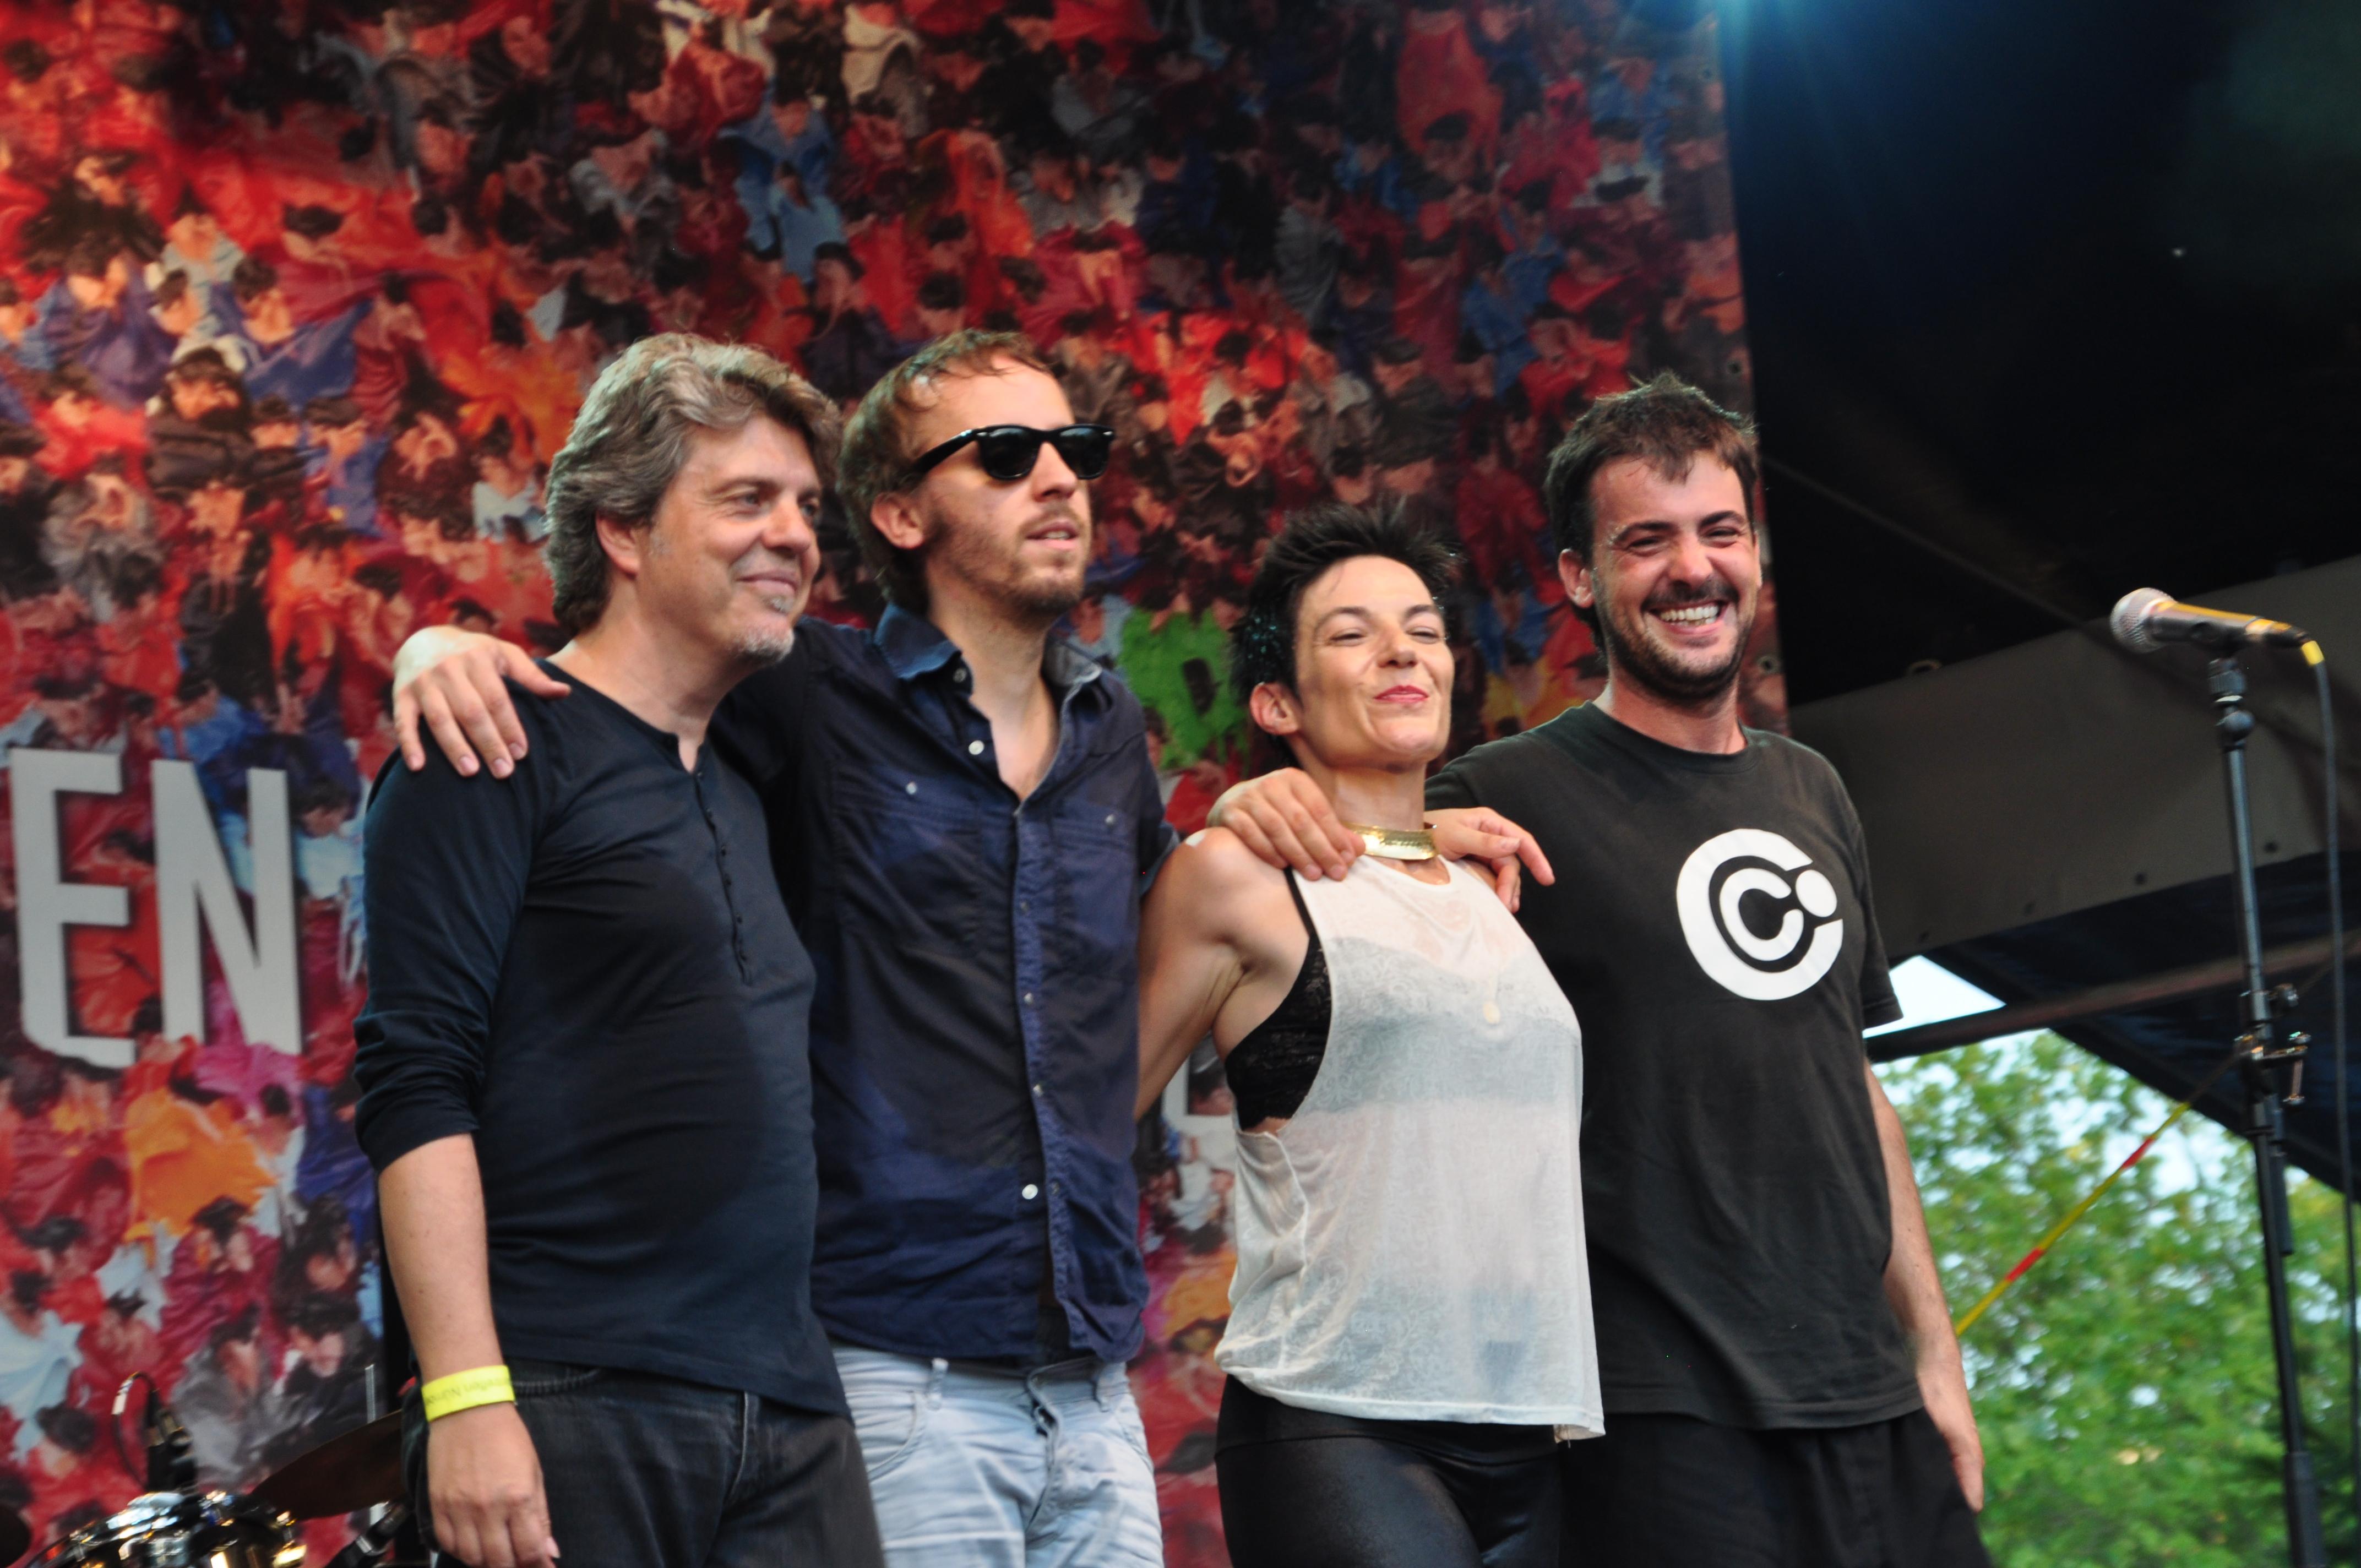 La Shica con grupo 2013 en Núremberg